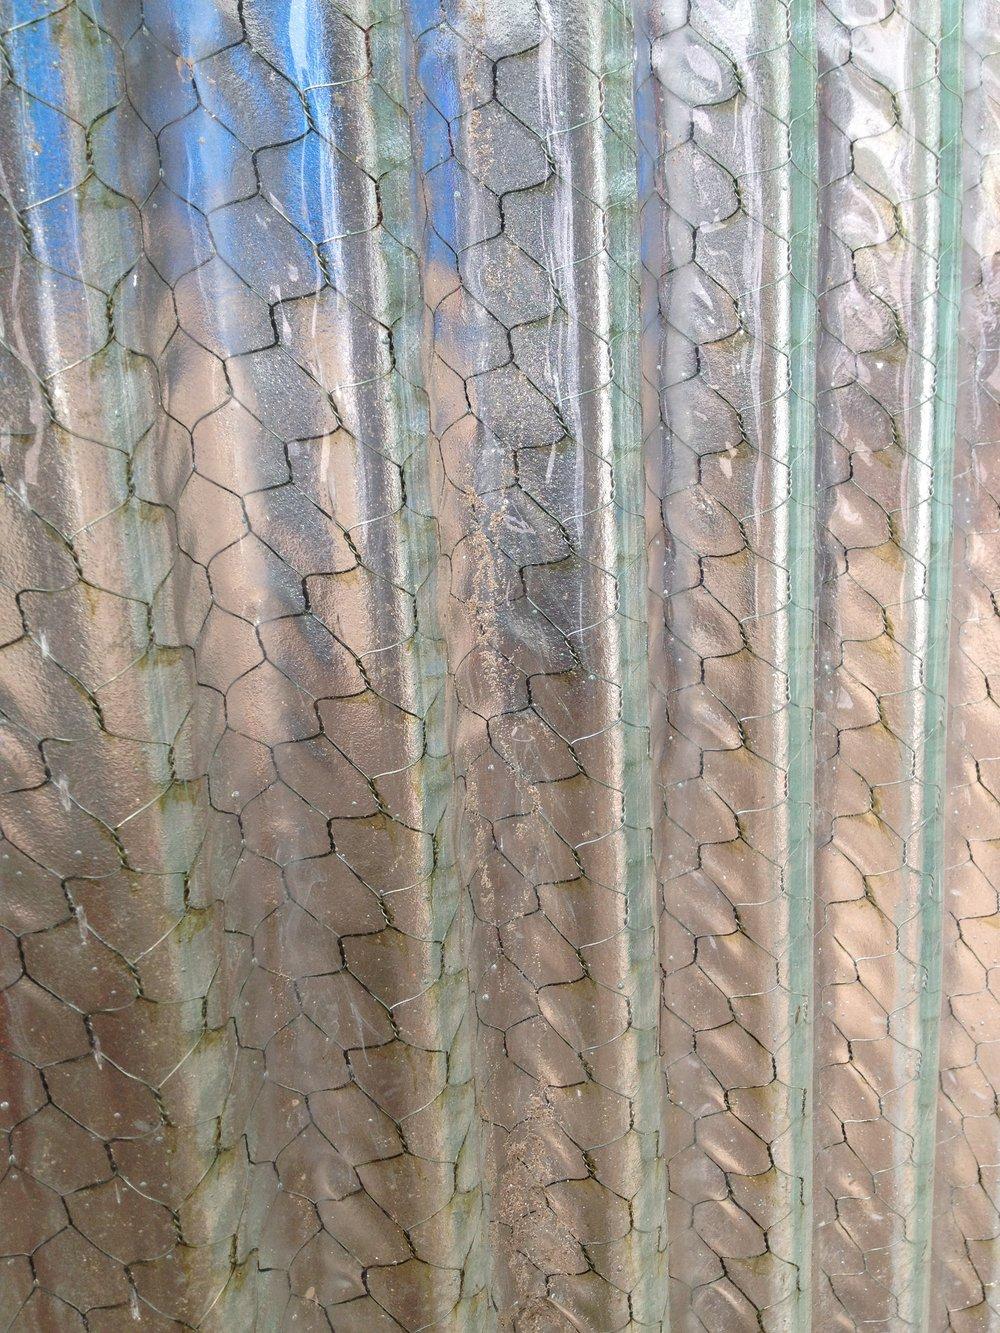 Hammered Chicken Wire Glass - Dolgular.com